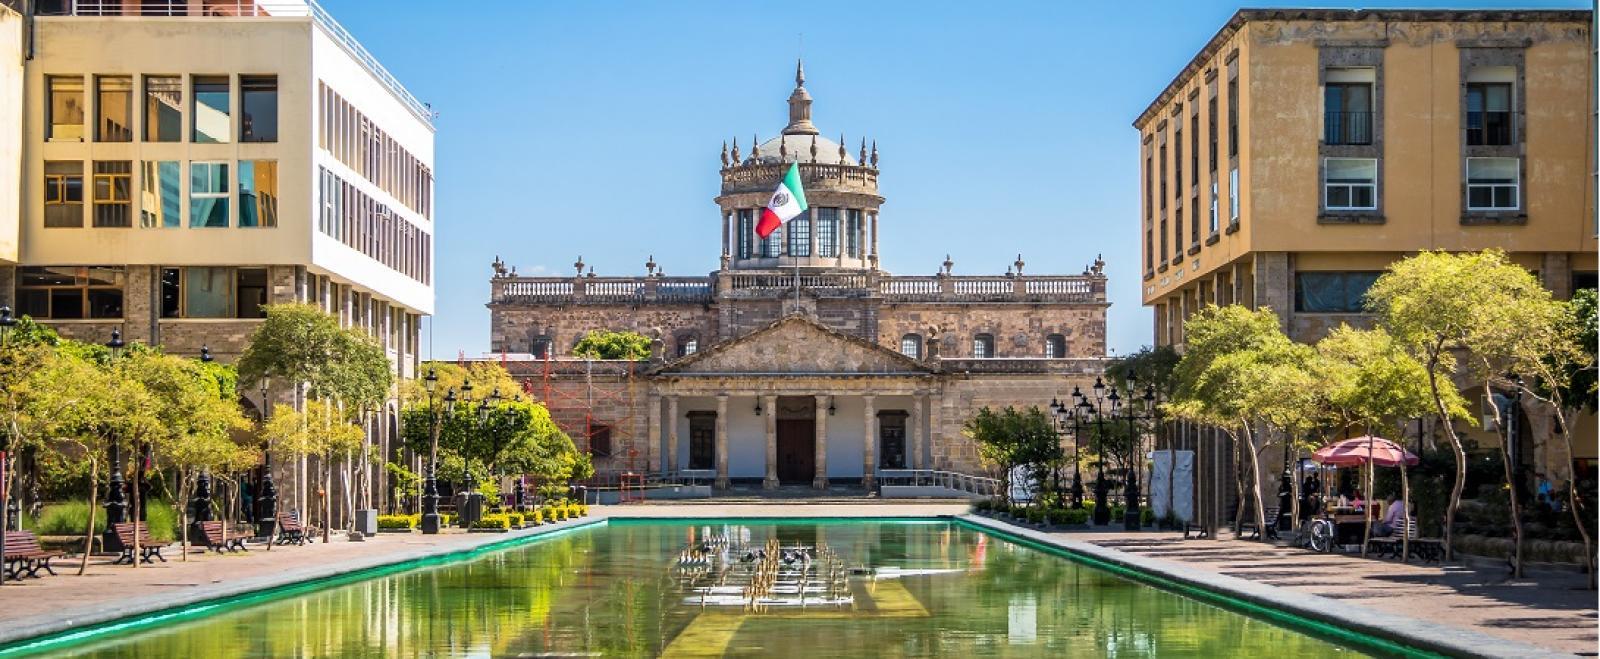 L'Hospicio Cabañas, un site du patrimoine mondial de l'UNESCO, situé à Guadalajara, au Mexique.